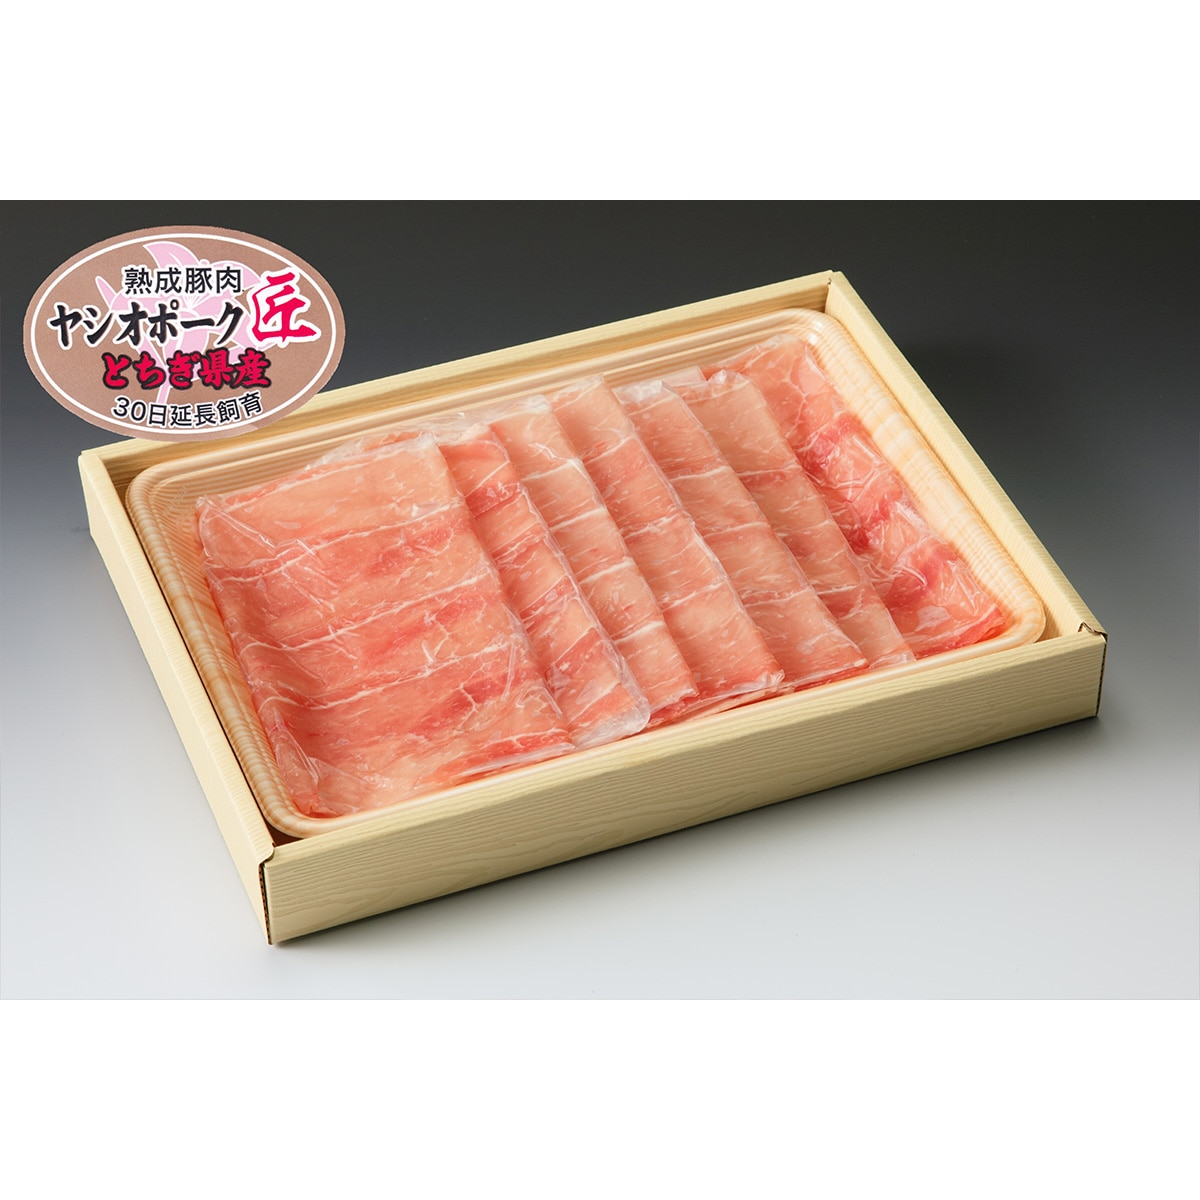 山久 (栃木)ヤシオポーク匠 豚モモしゃぶしゃぶ用 400g